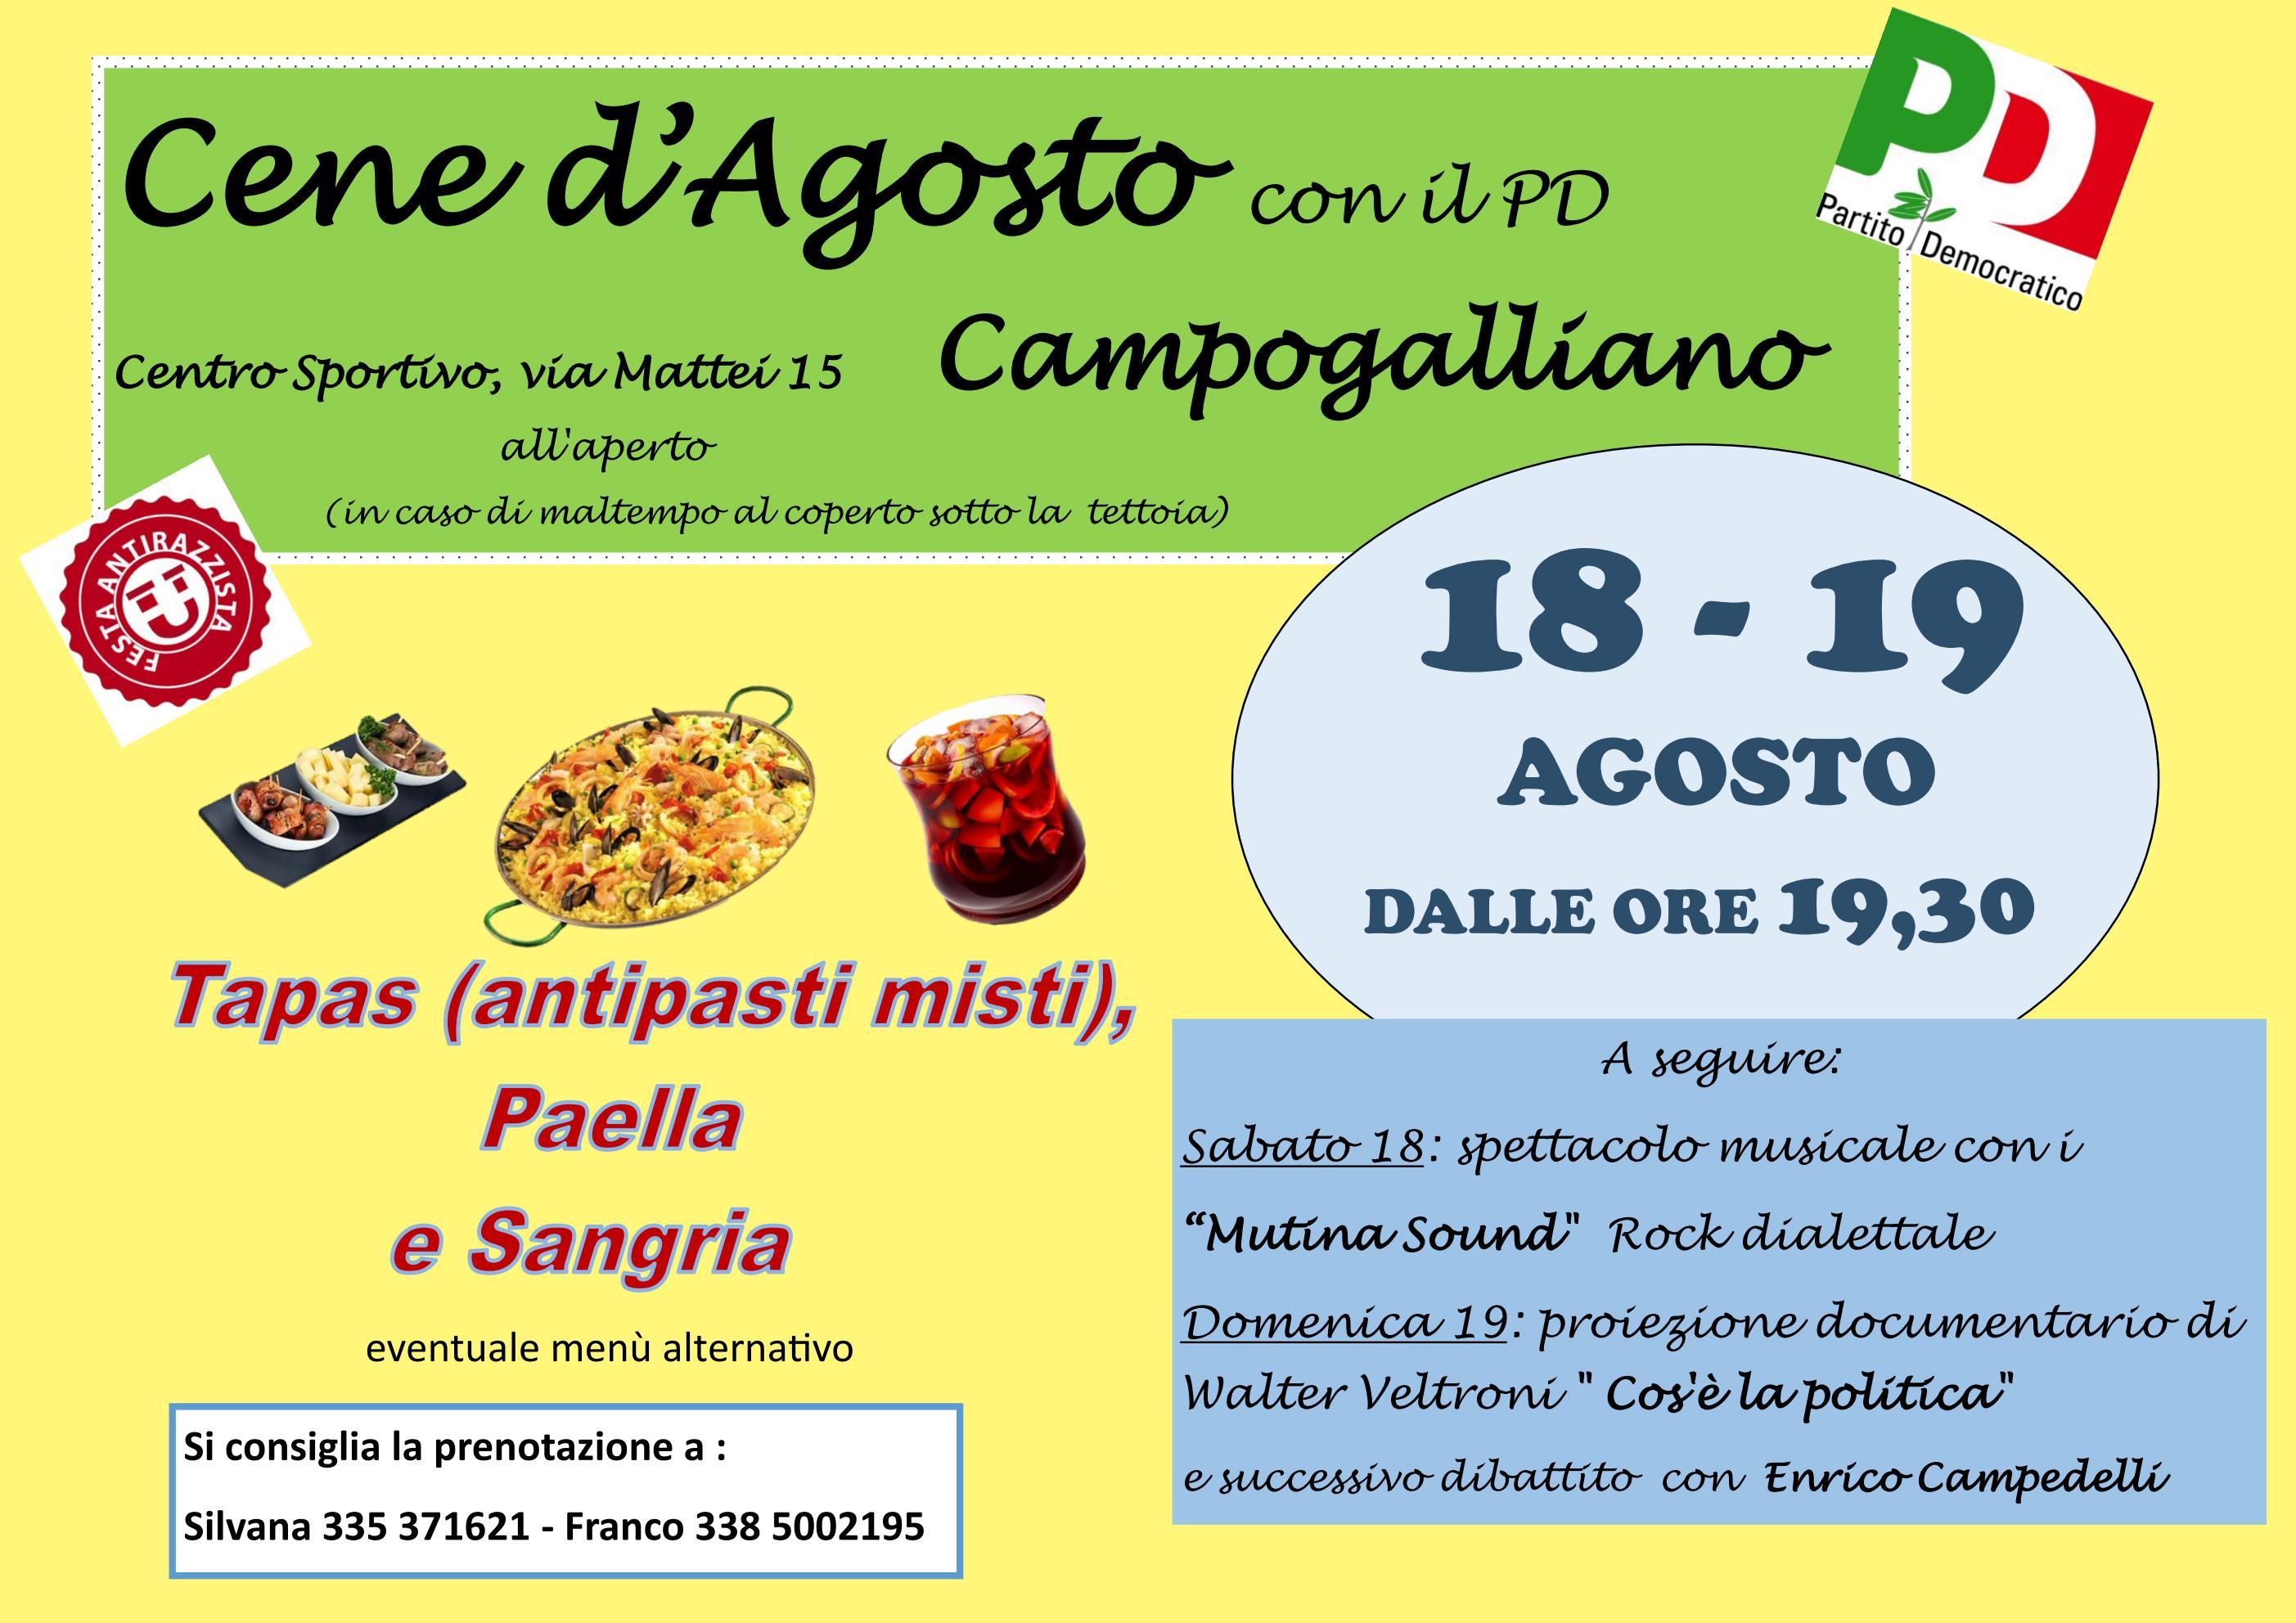 Cene d'agosto a Campogalliano